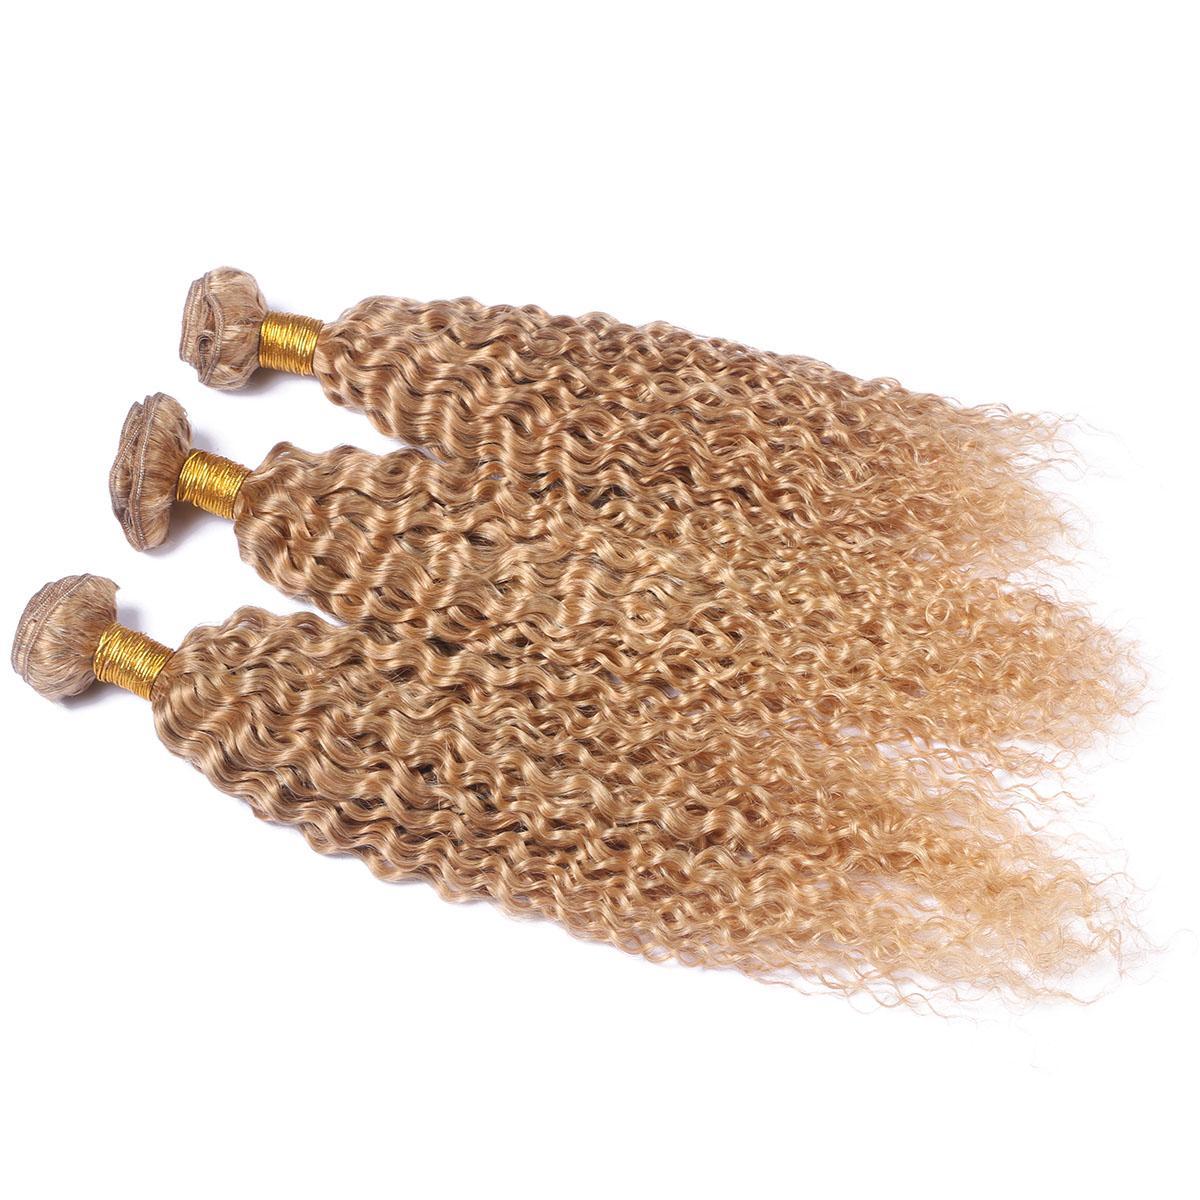 Miel Blonde Brésilien Kinky Bouclés Bouclés Tissage de Cheveux Humains avec Fermeture Frontale en Dentelle # 27 Fraise Blonde 13x4 Pleine Dentelle Frontal avec 3Bundles